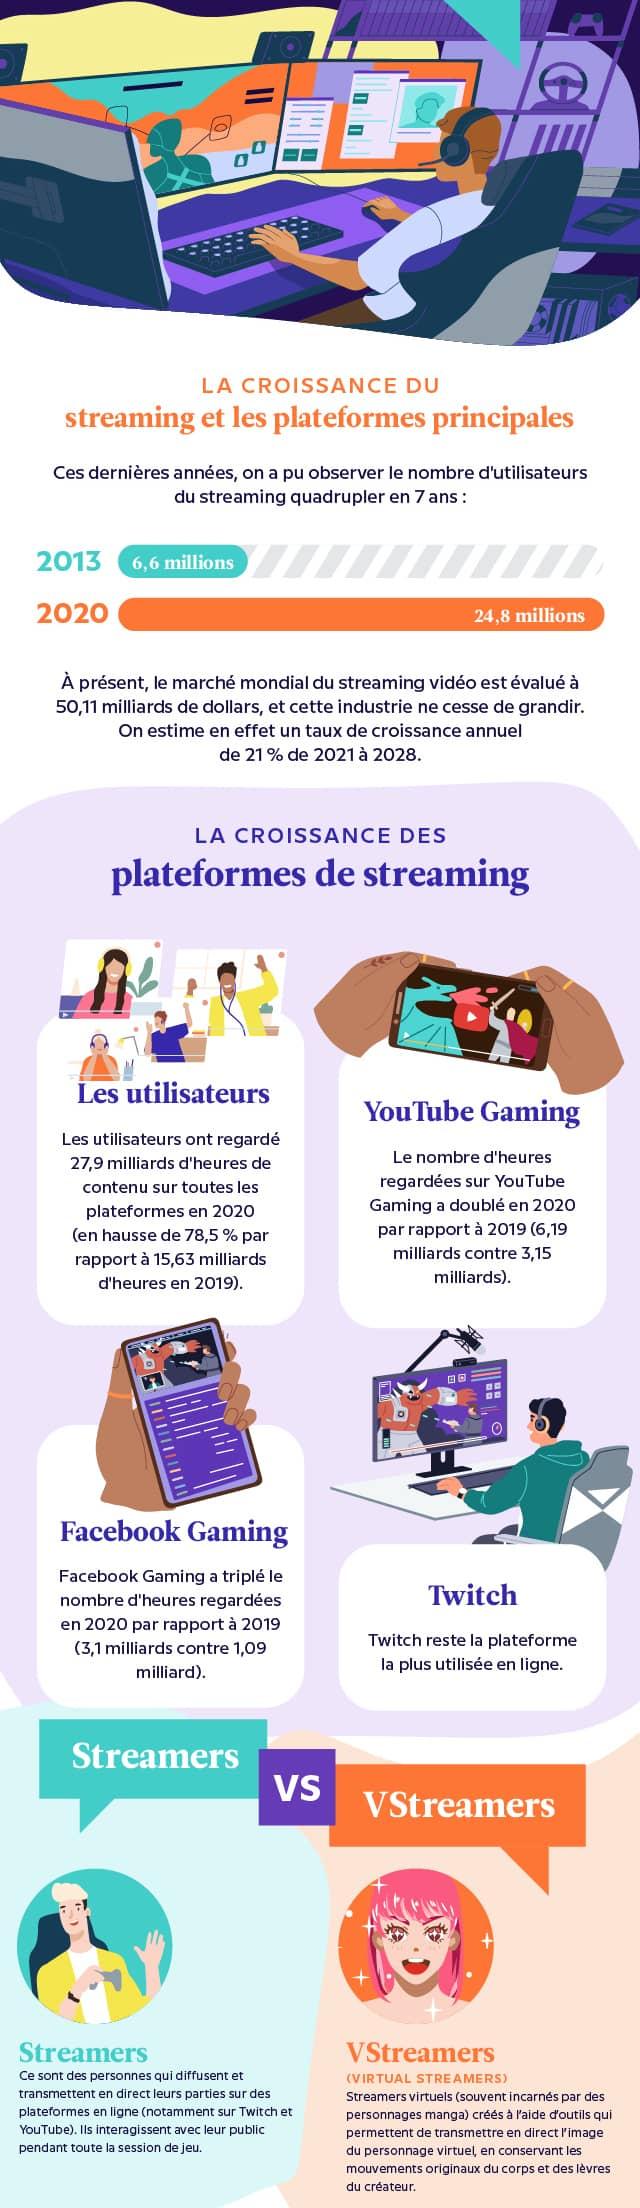 Infographie « La croissance du streaming et les plateformes principales »